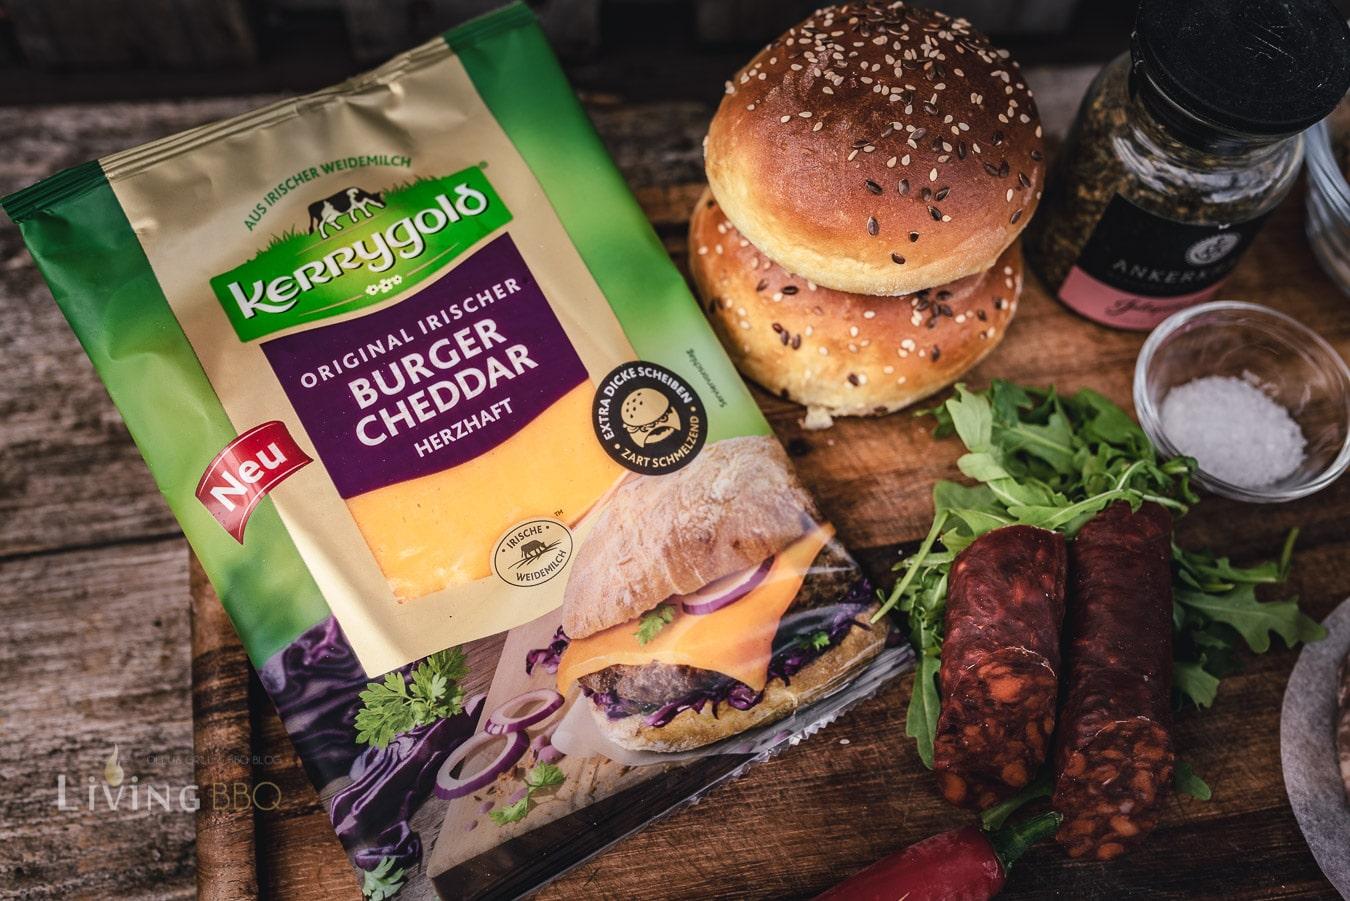 Kerrygold Burger Cheddar und Buns